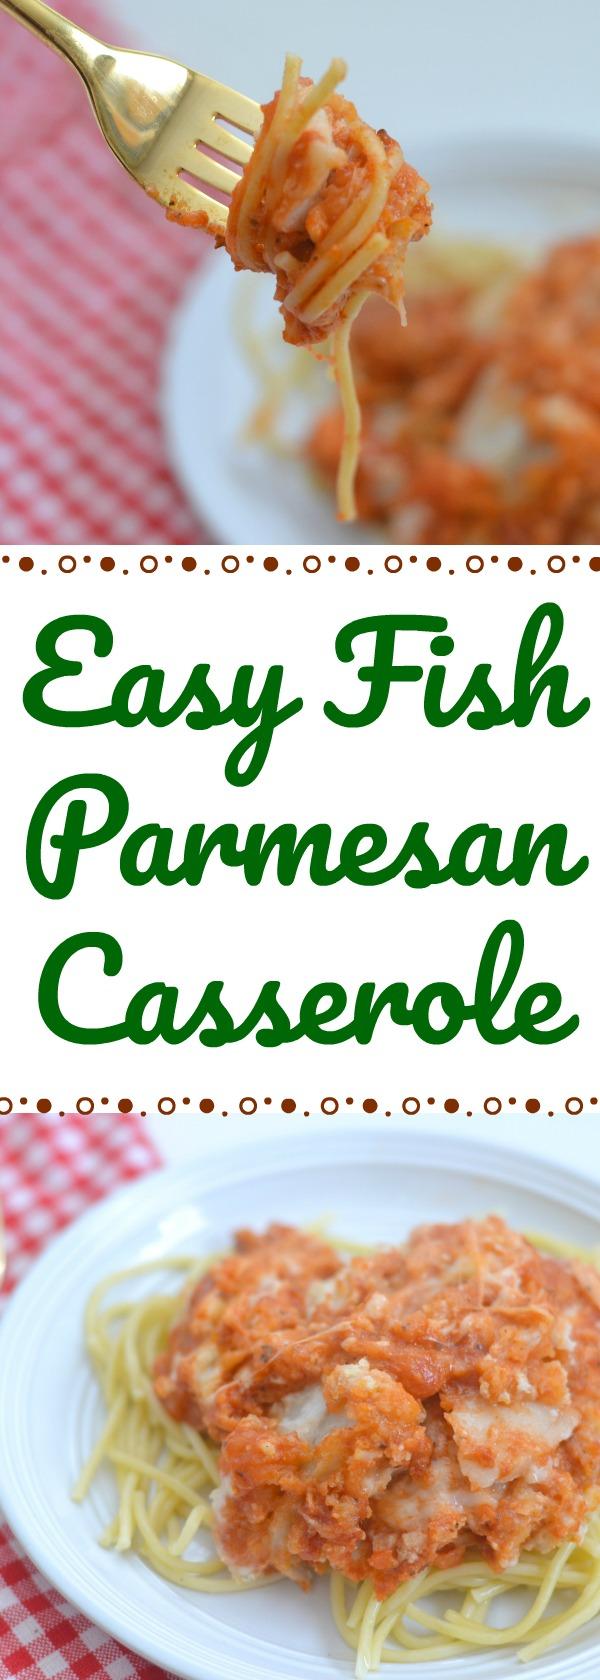 Easy Fish Parmesan Casserole recipe lent friendly, lent friendly fish recipes, lent friendly dinner recipes, easy dinner recipes, fish parm, easy fish Parmesan recipe, Easy Fish Parmesan Casserole